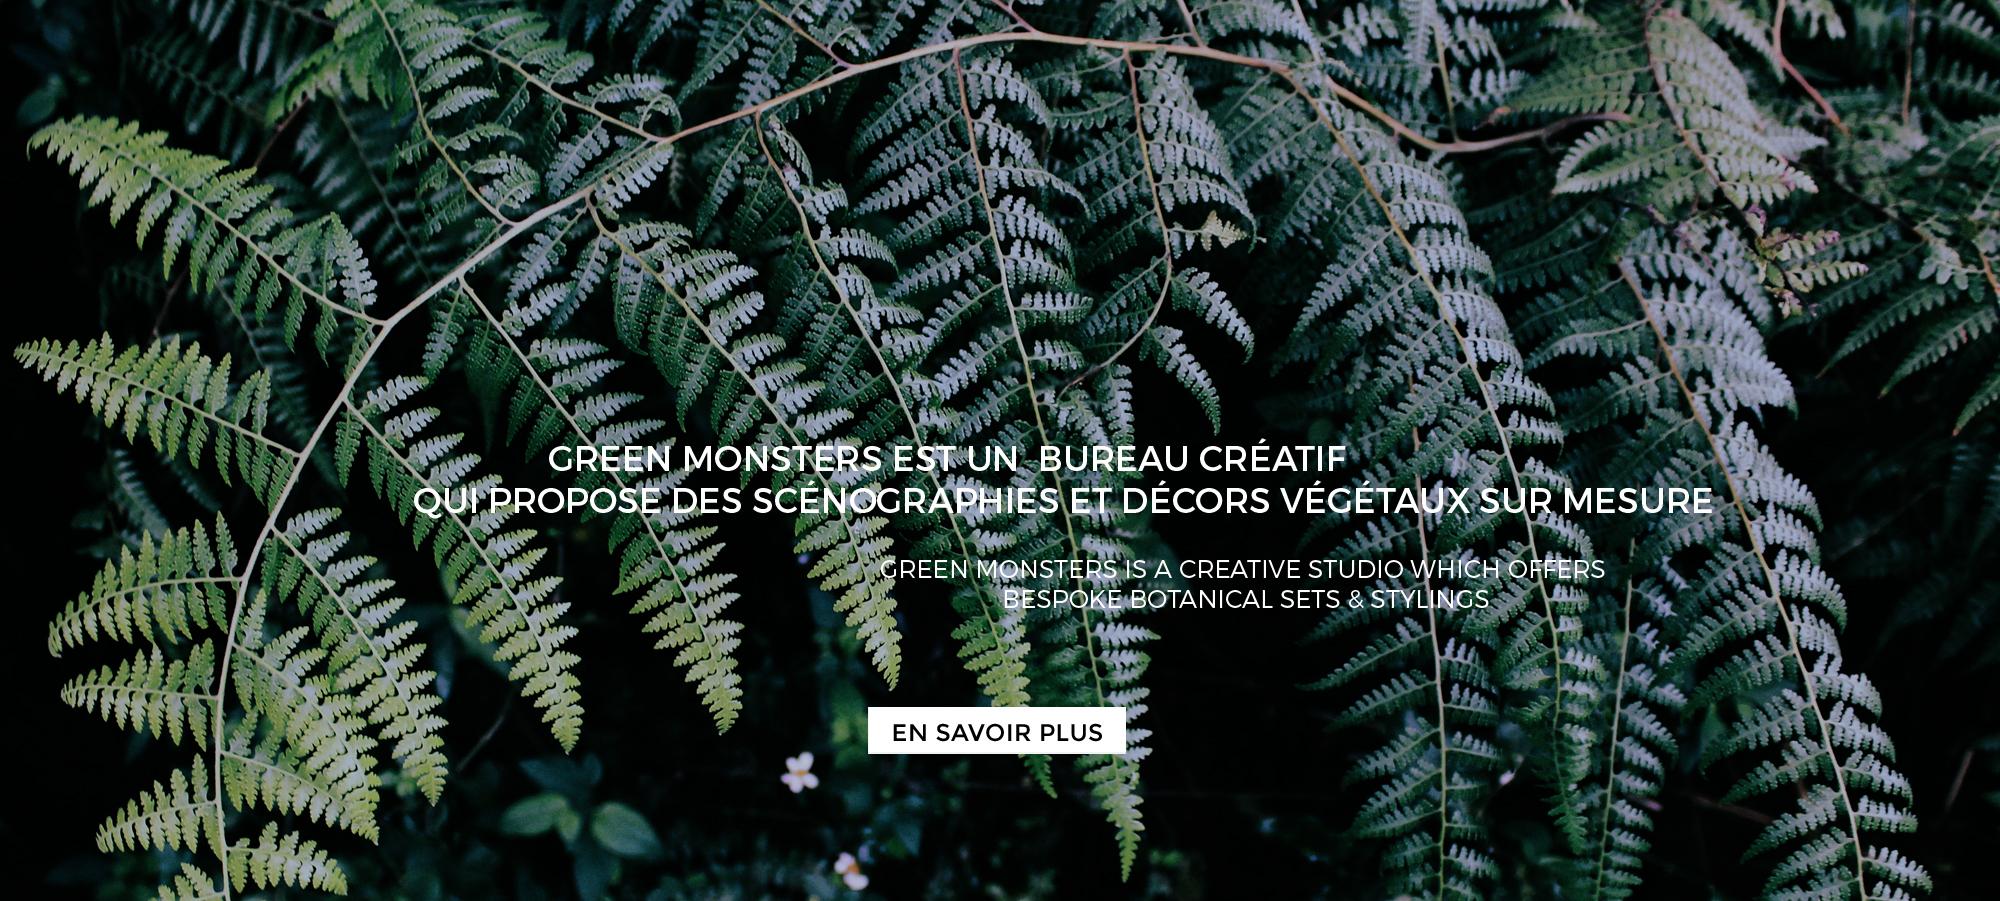 Green-monsters-designvegetal.jpg